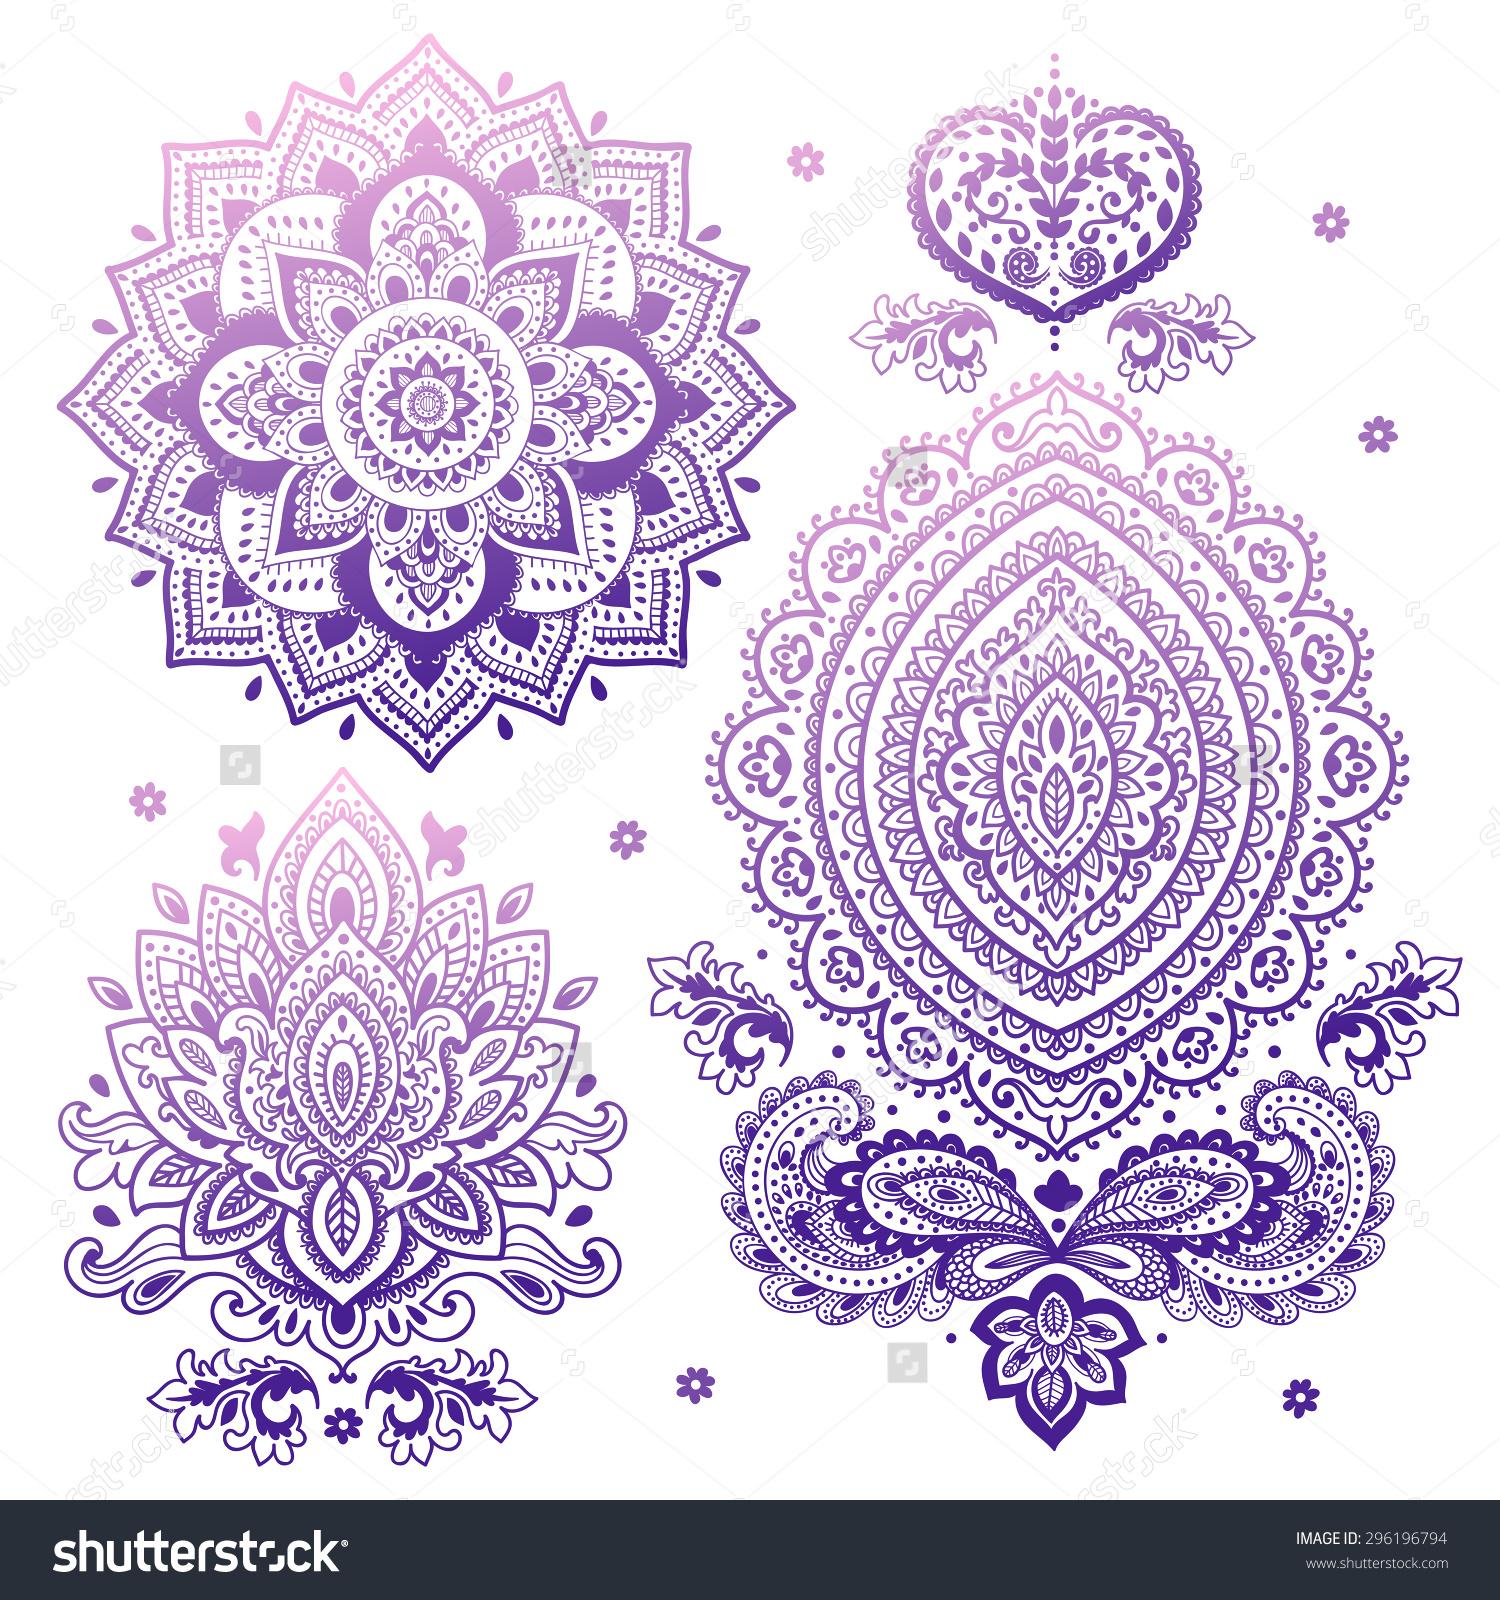 Inspiraciones Del Da Shantalla Mandala